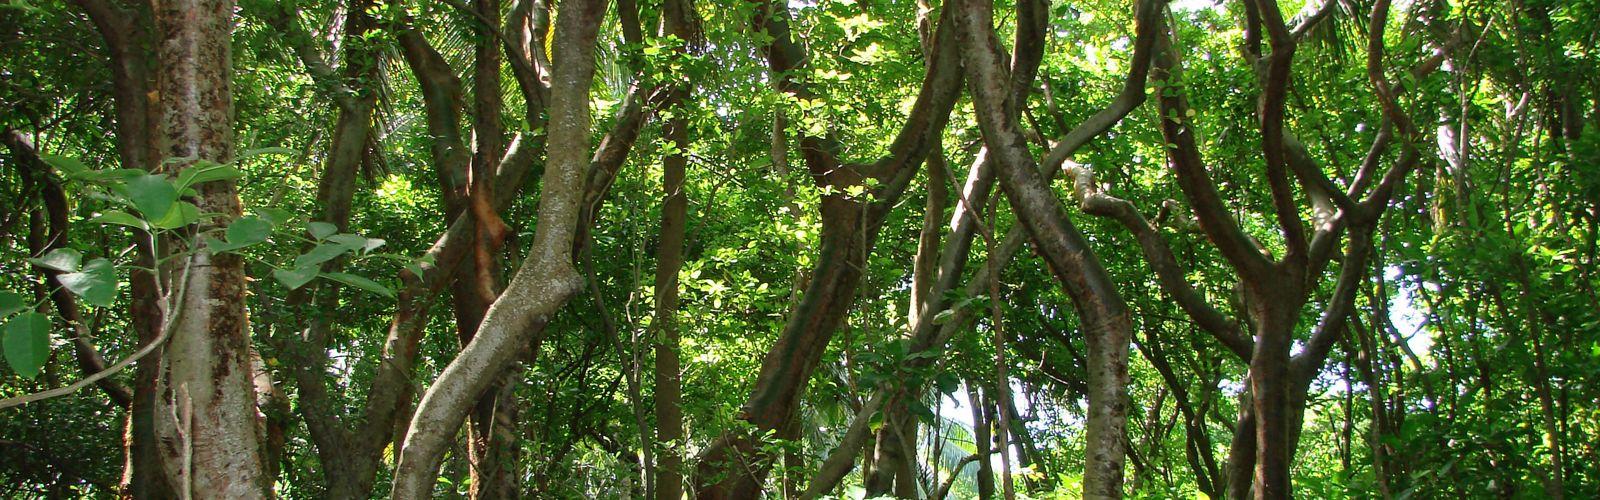 Un bosque de árboles de limbo gumbo en Half Moon Caye en el atolón Lighthouse Reef frente a la costa de Belice Central.